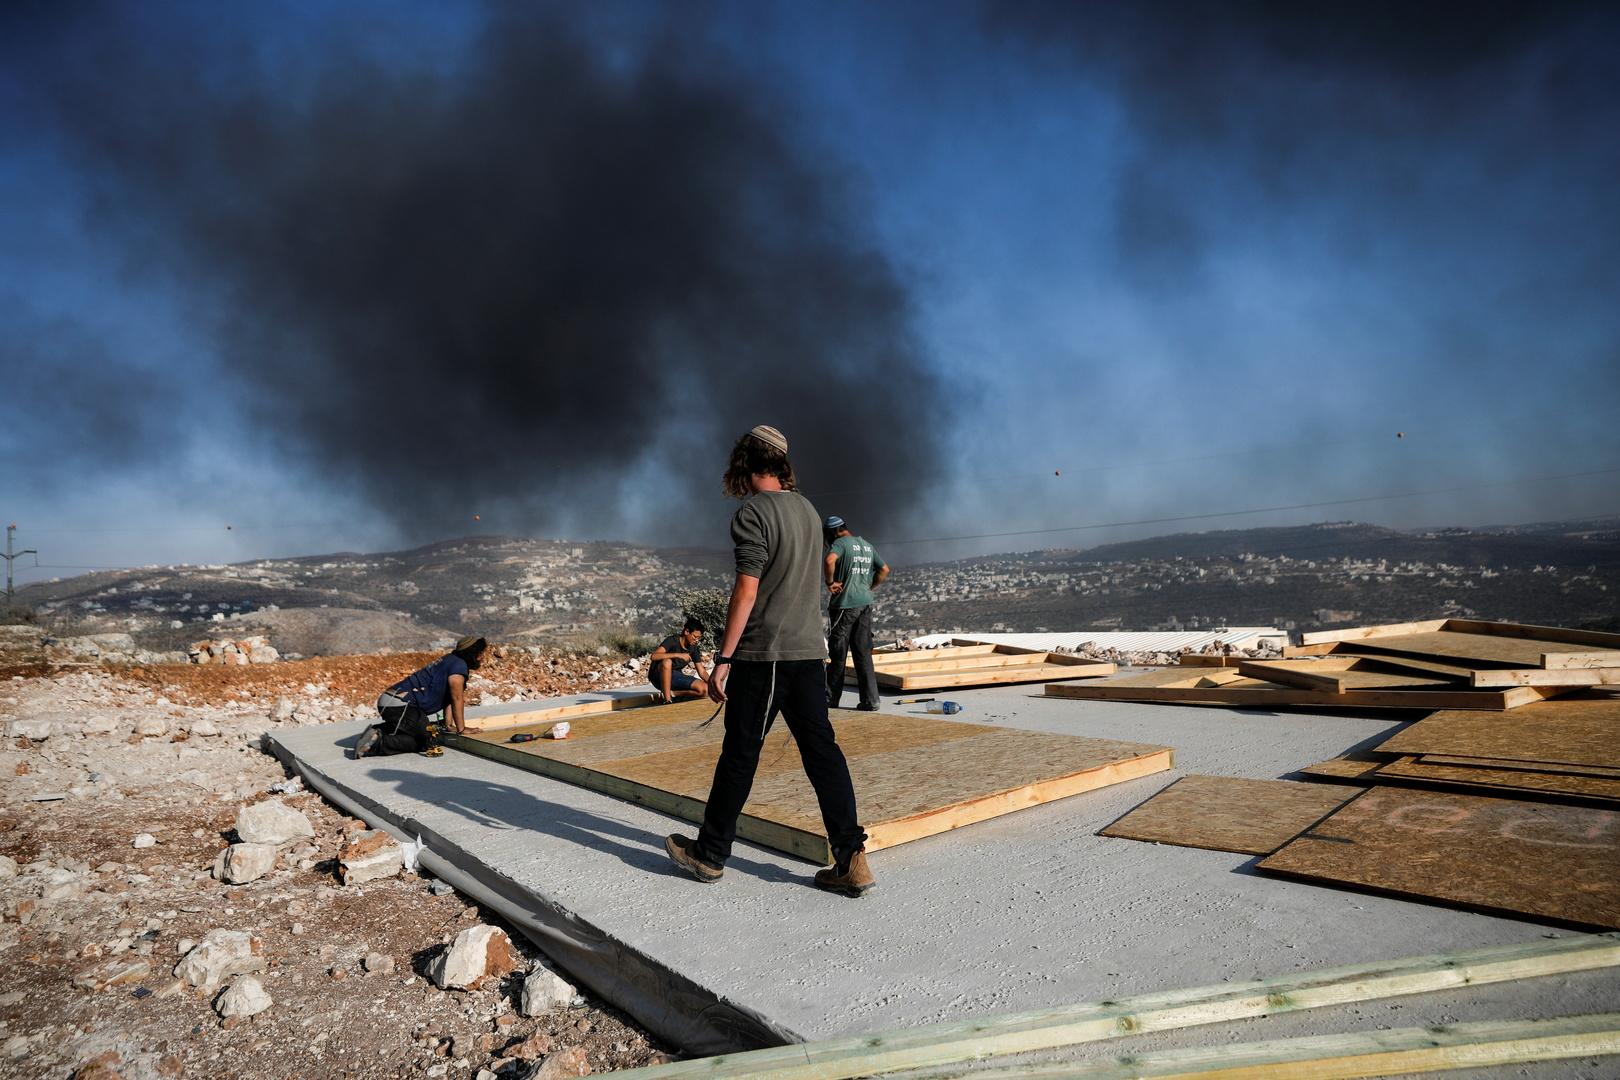 مواجهات بين الفلسطينيين والجيش الإسرائيلي في بلدة بيتا